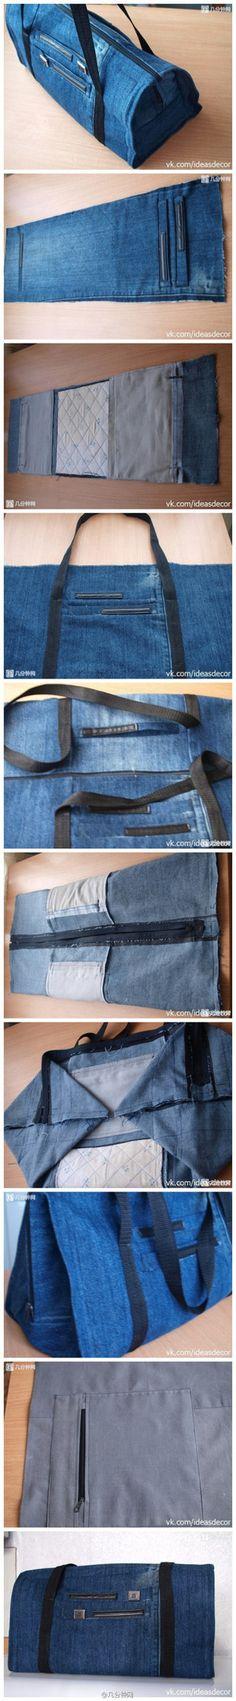 牛仔裤改造手提袋,效果太赞了!!! - 堆糖 发现生活_收集美好_分享图片